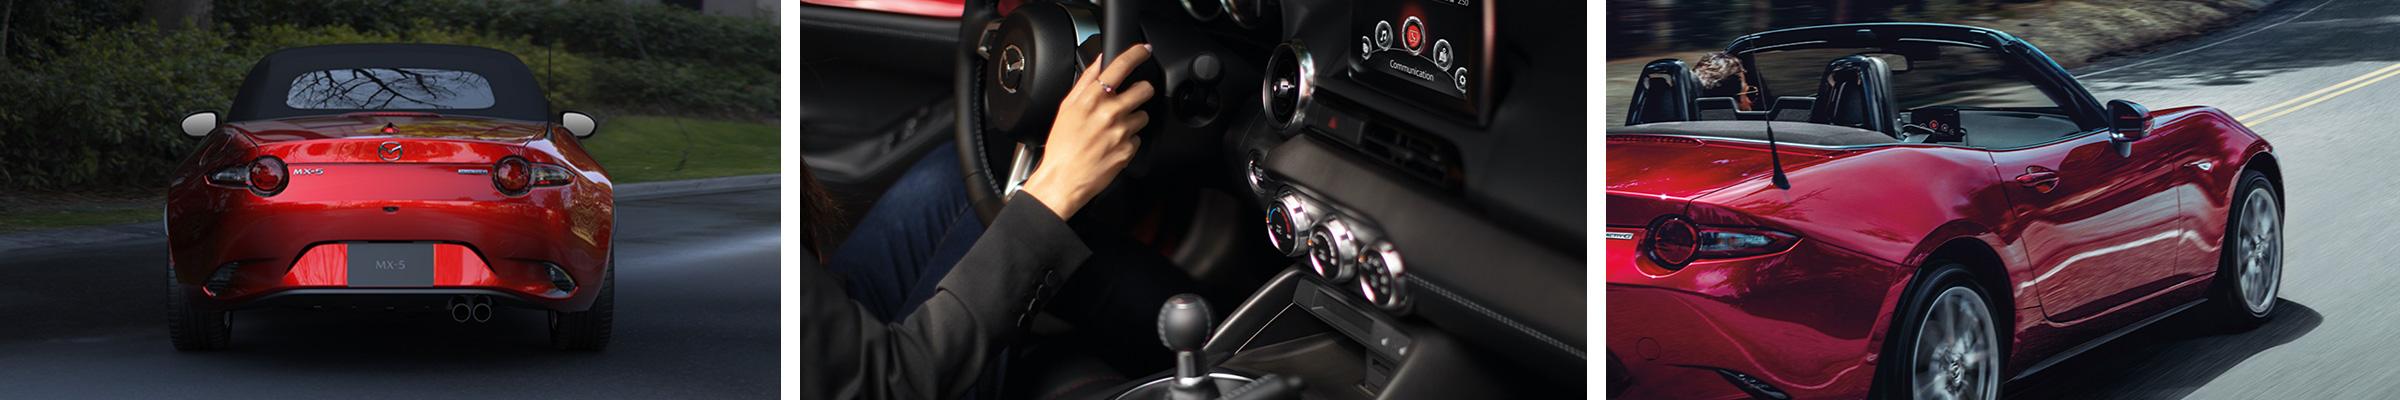 2020 Mazda MX-5 Miata For Sale Naperville IL   Aurora